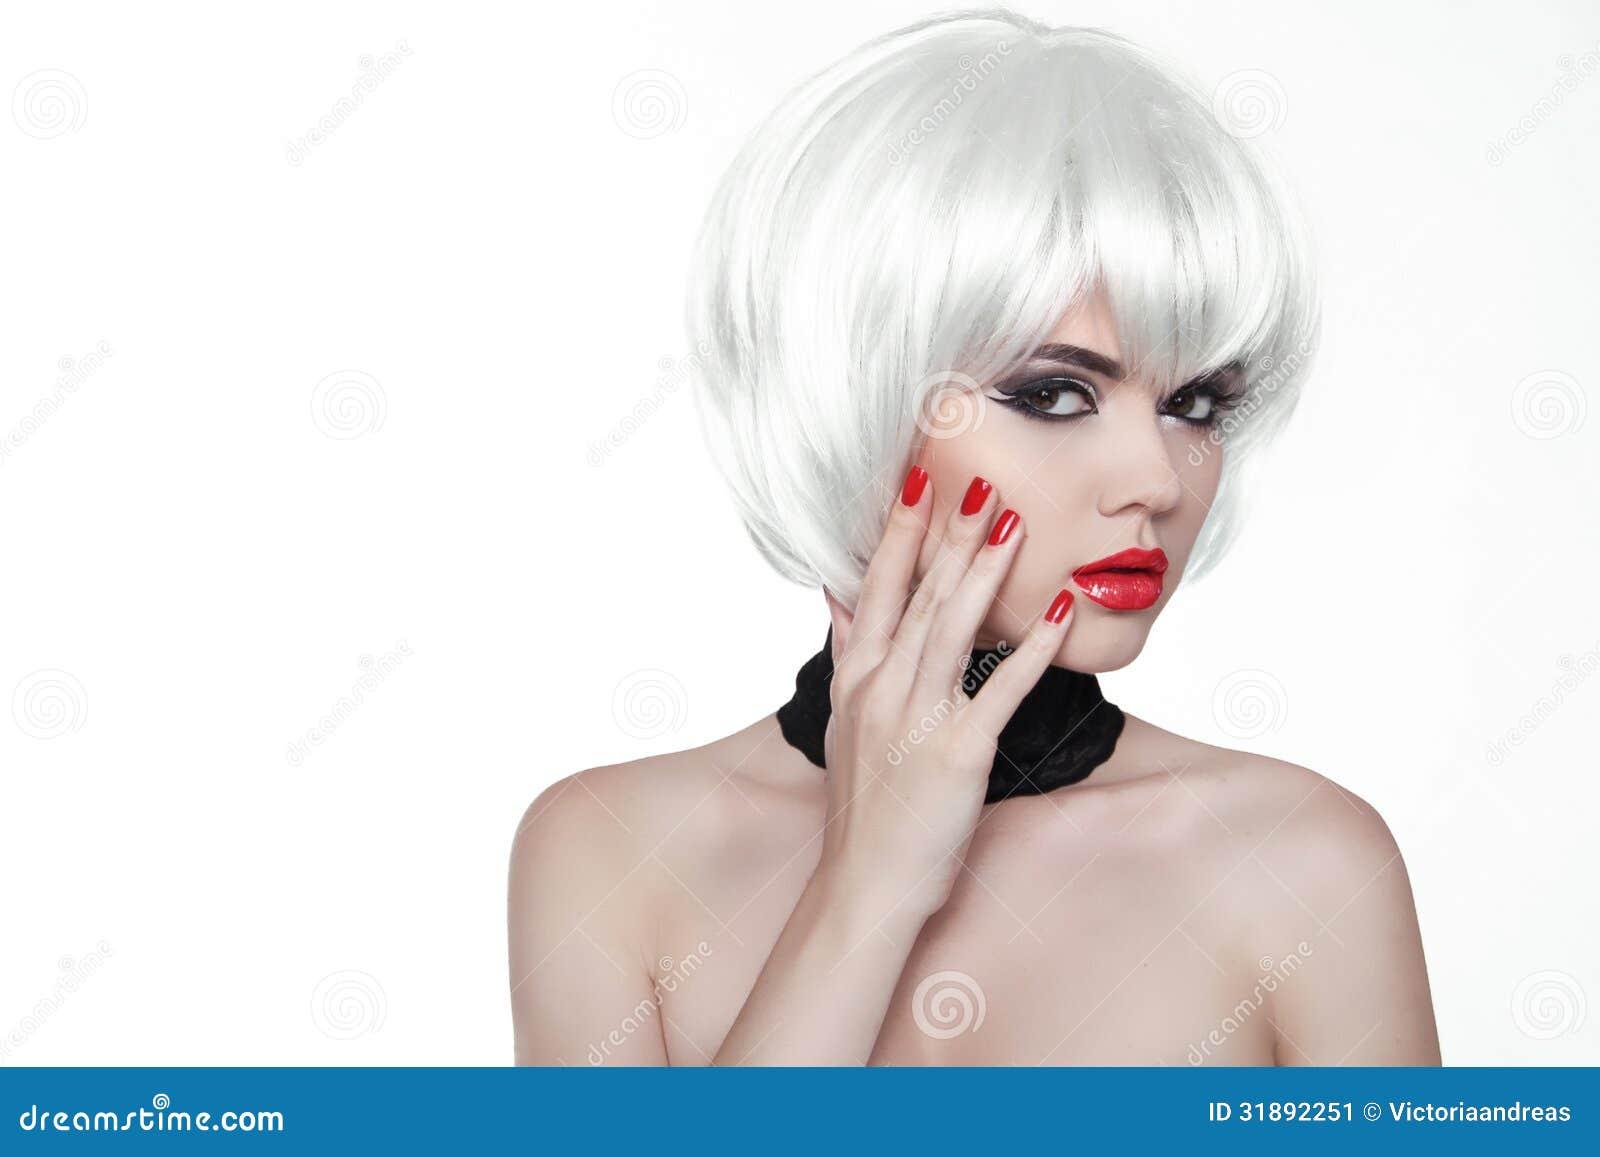 Ногти состава и заполированности женщины. Красные губы и деланные маникюр руки. Fas